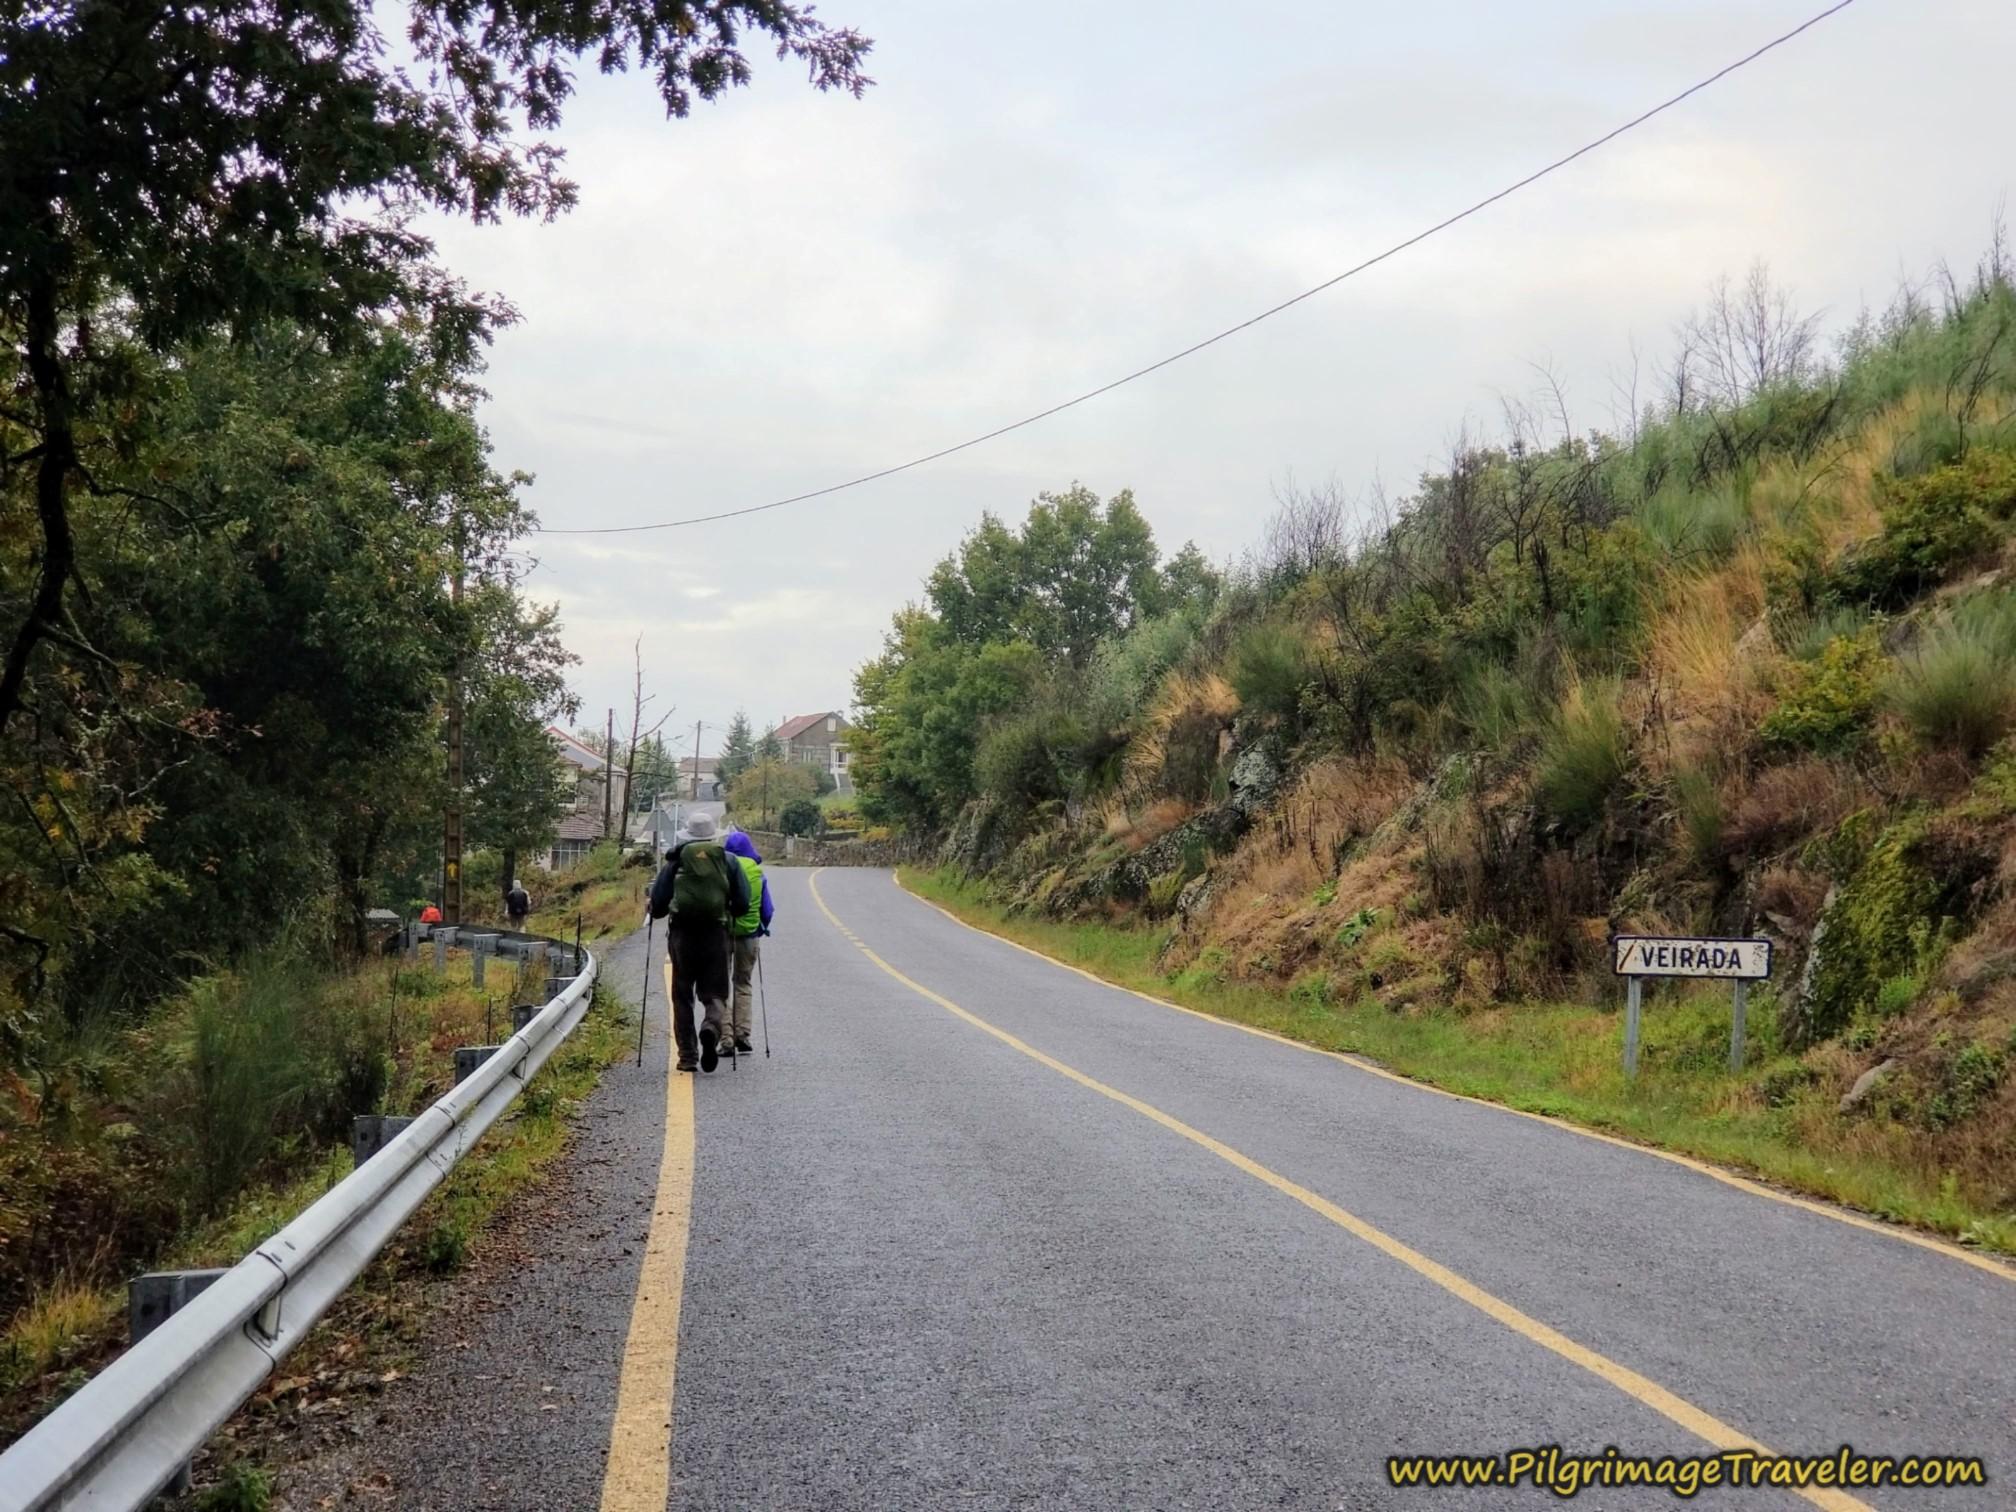 Welcome to Veirada, Camino Sanabrés, Xunqueira de Ambía to Ourense